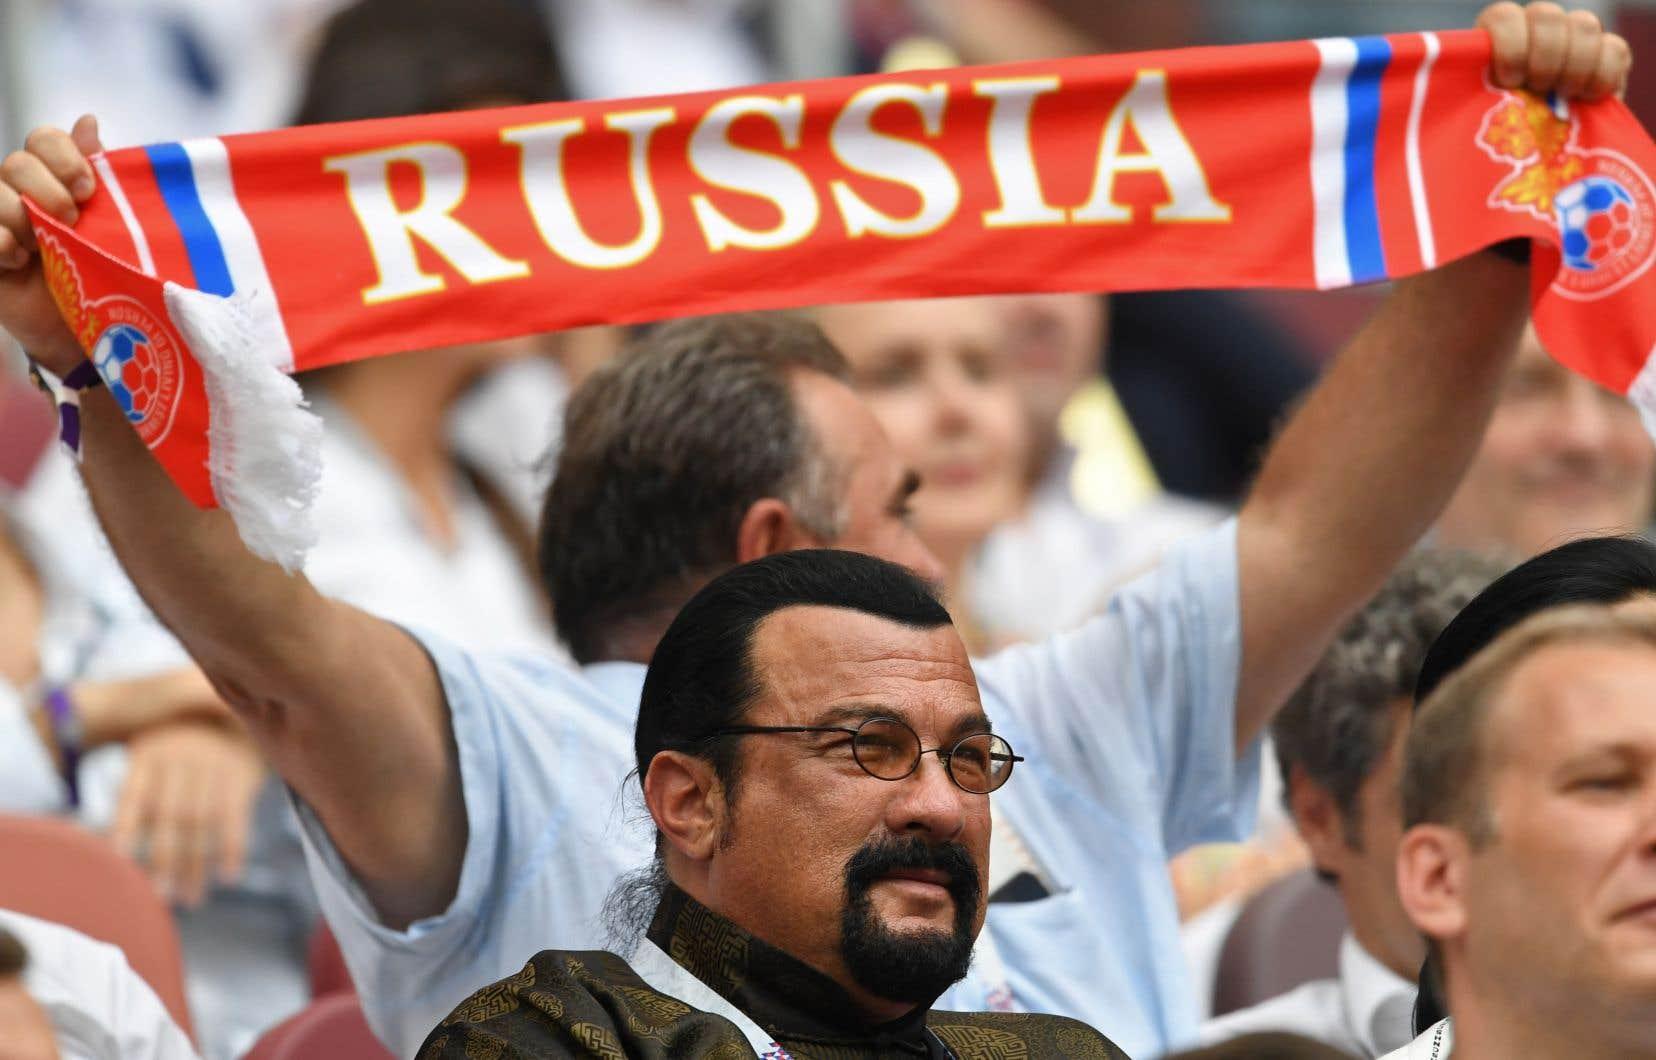 Ancienne vedette du cinéma d'action hollywoodien et grand spécialiste d'aïkido, Steven Seagal, s'est vu accorder la nationalité russe par le président Vladimir Poutine en novembre 2016.